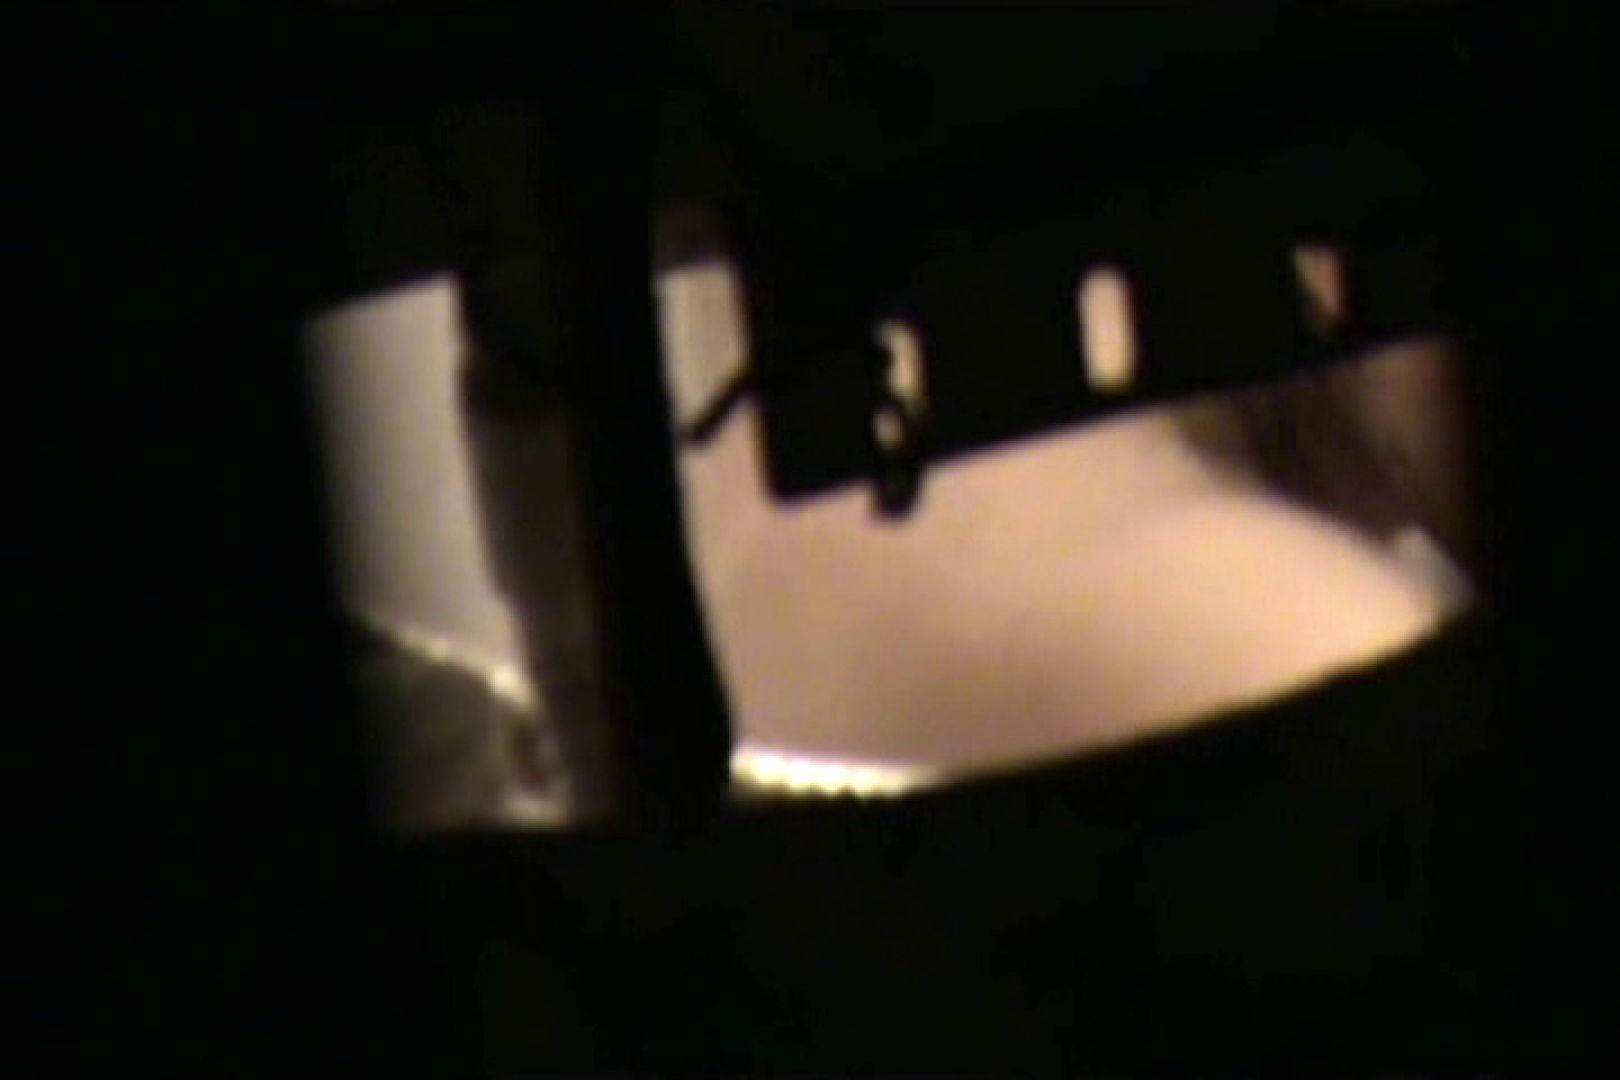 ぼっとん洗面所スペシャルVol.3 シャワー 覗きスケベ動画紹介 92pic 10